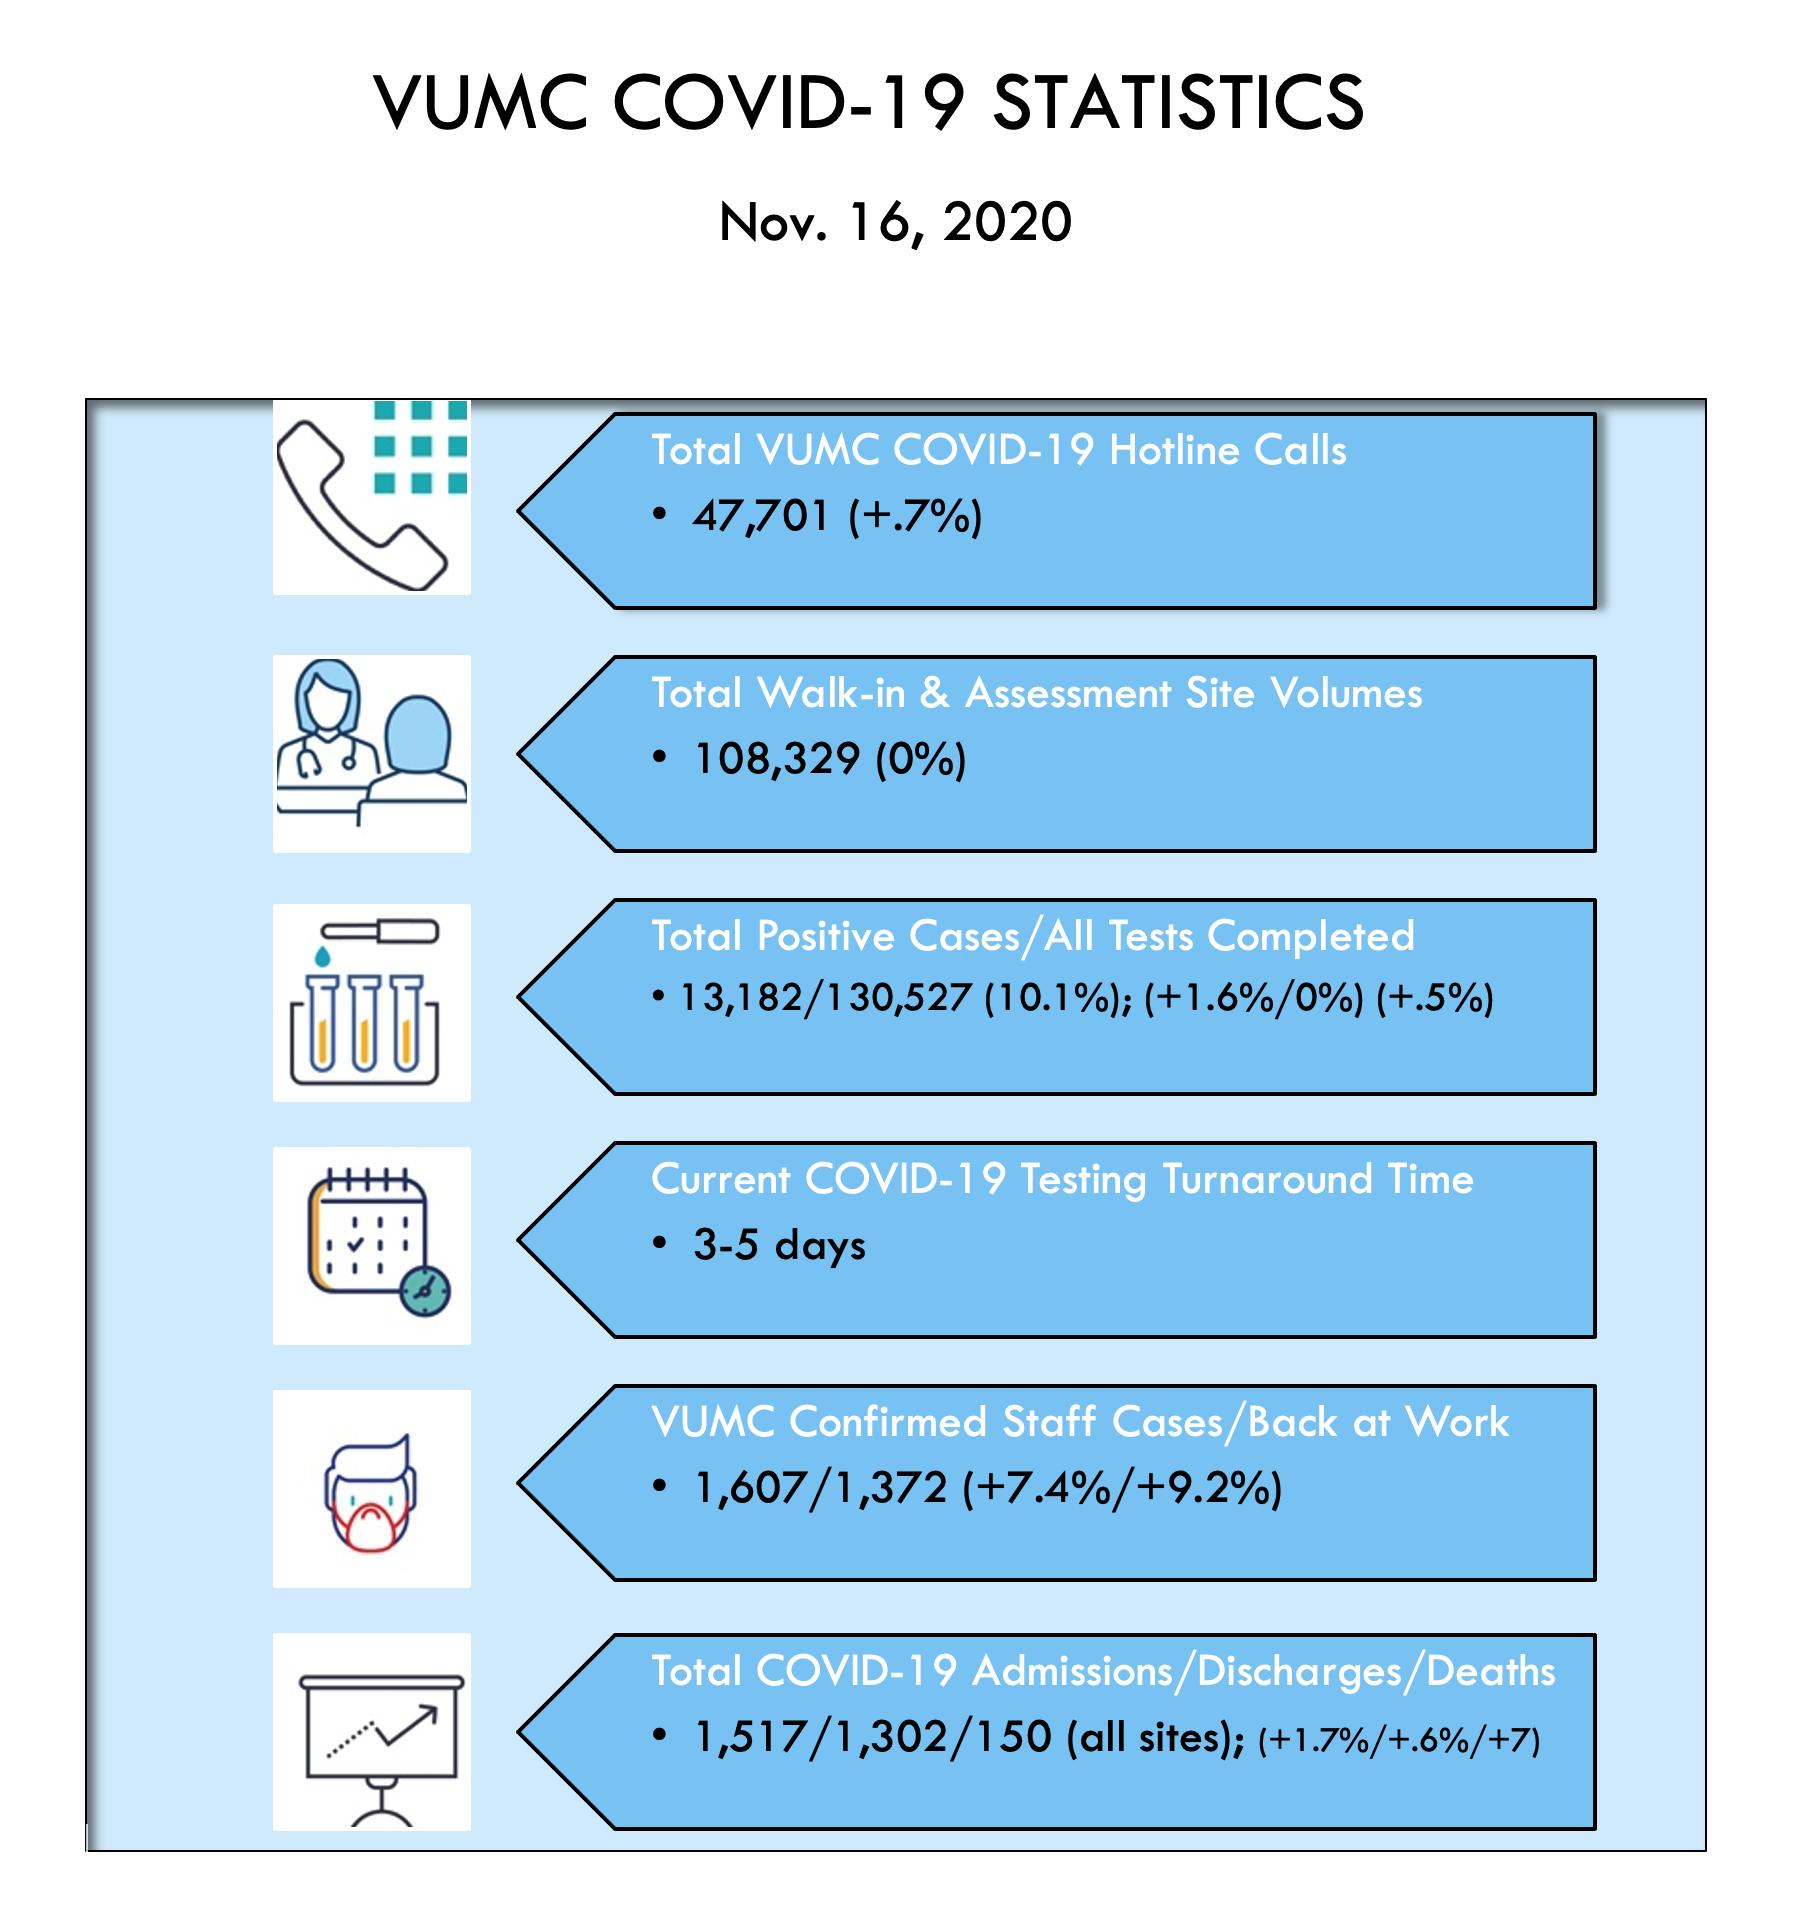 VUMC Covid Stats